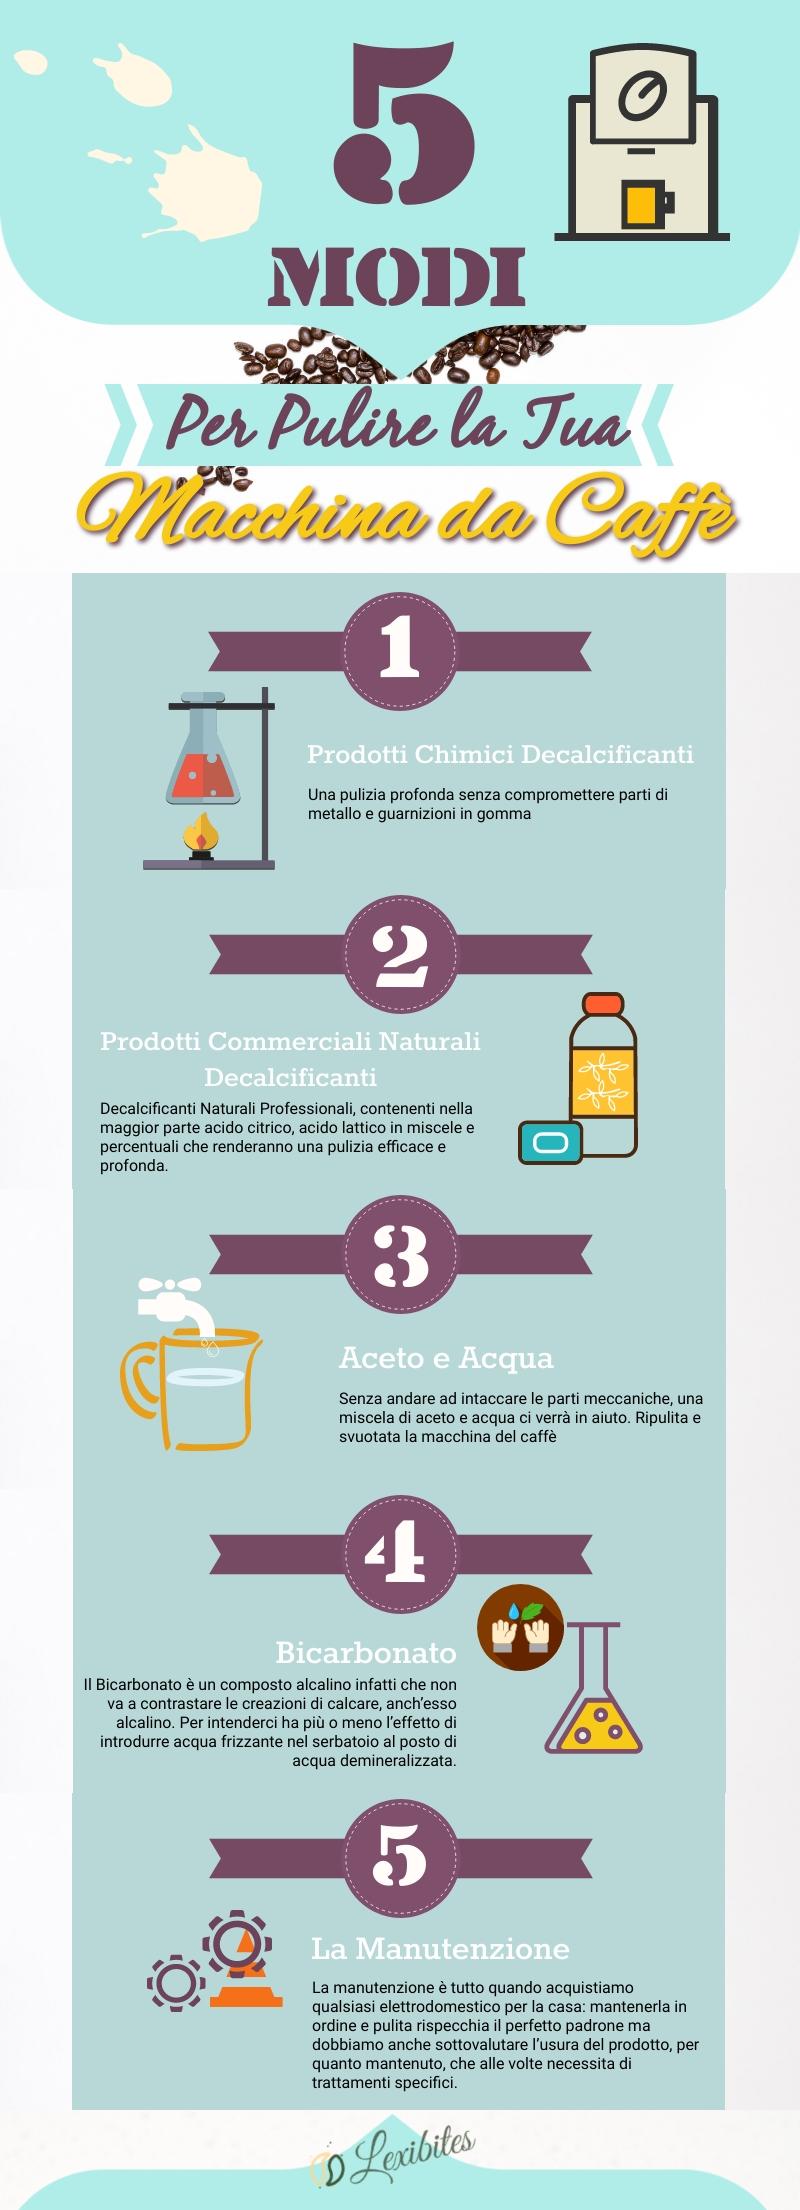 5 Modi Per Pulire la Tua Macchina da Caffè: Prodotti Commerciali o Naturali?